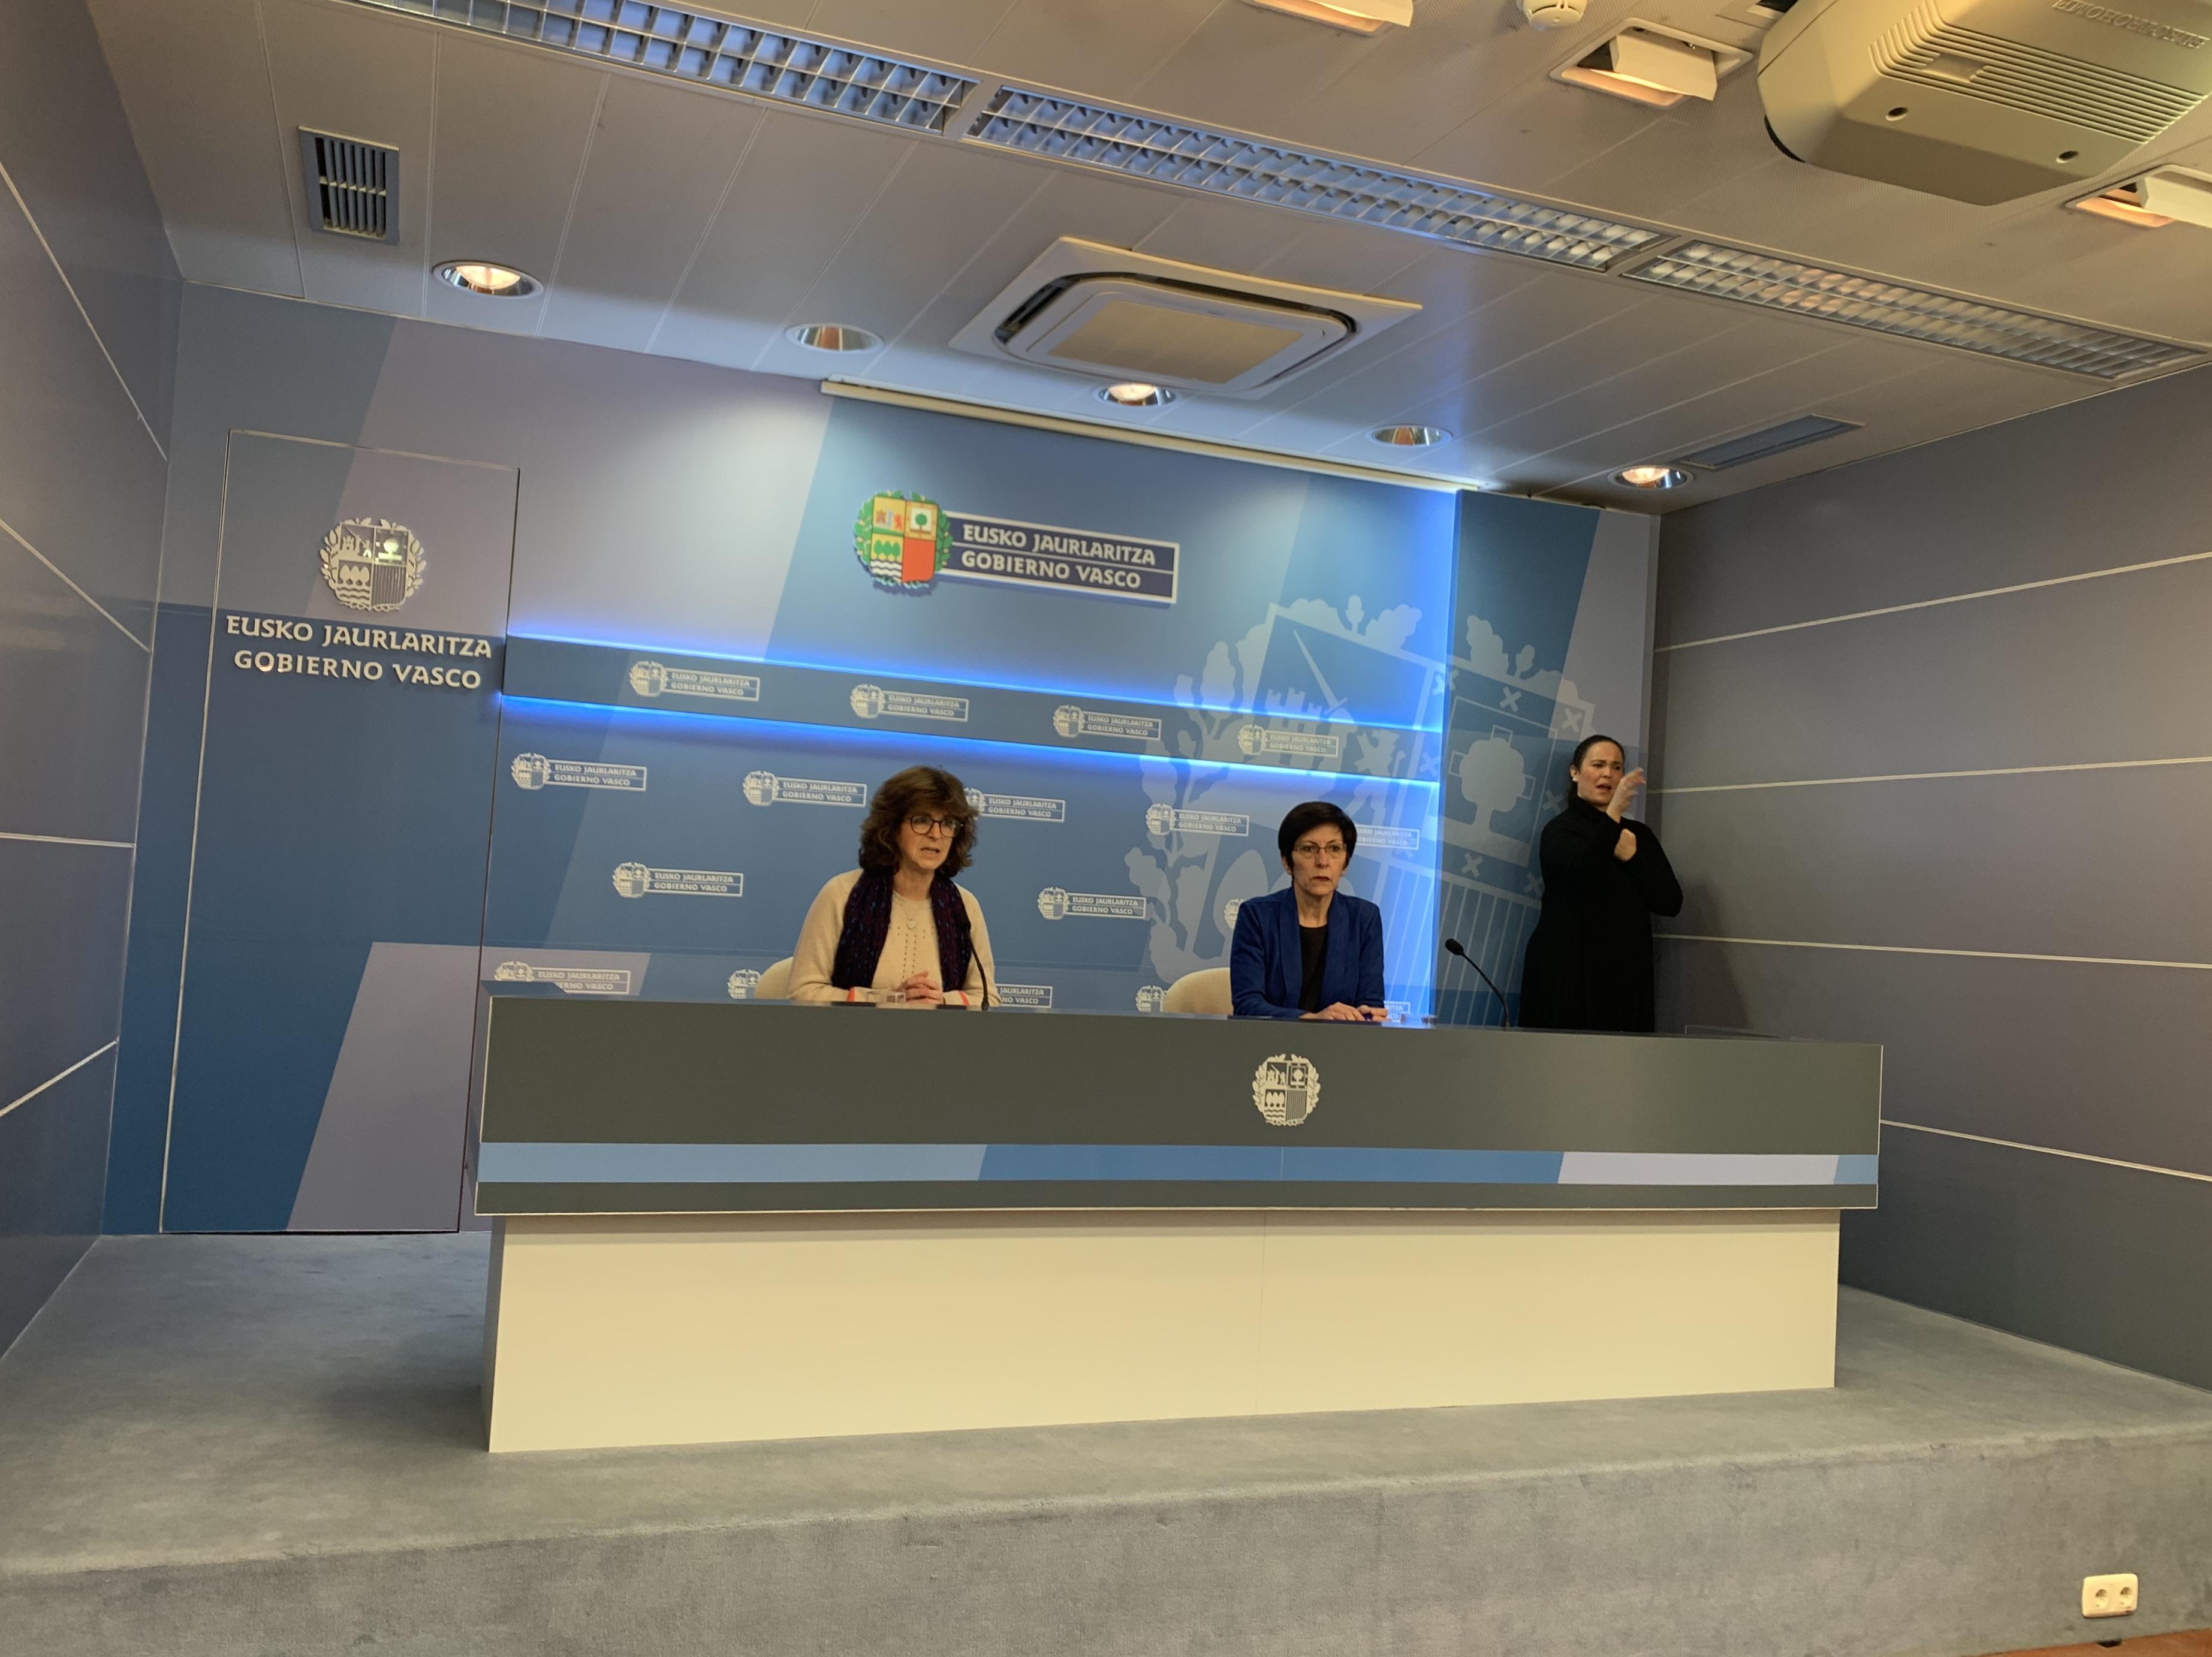 Osakidetza establece centros de salud específicos que atenderán en todo Euskadi a las personas con síntomas respiratorios [37:59]